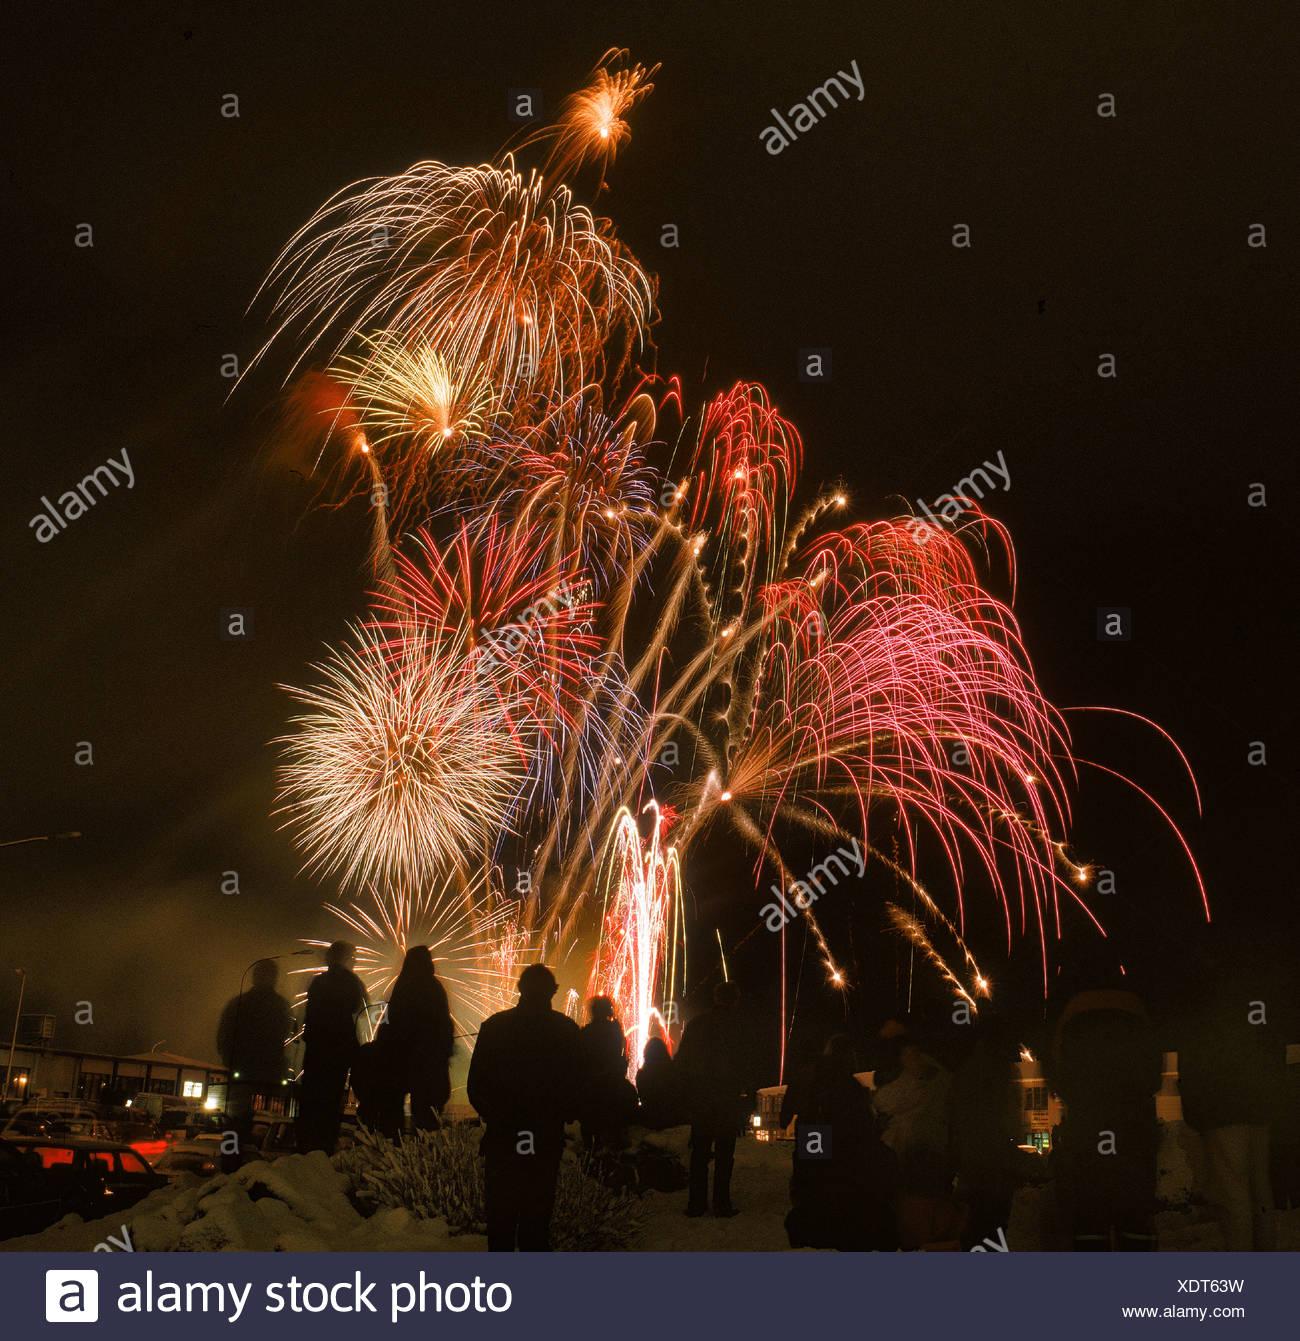 New Years Eve Reykjavik Iceland - Stock Image